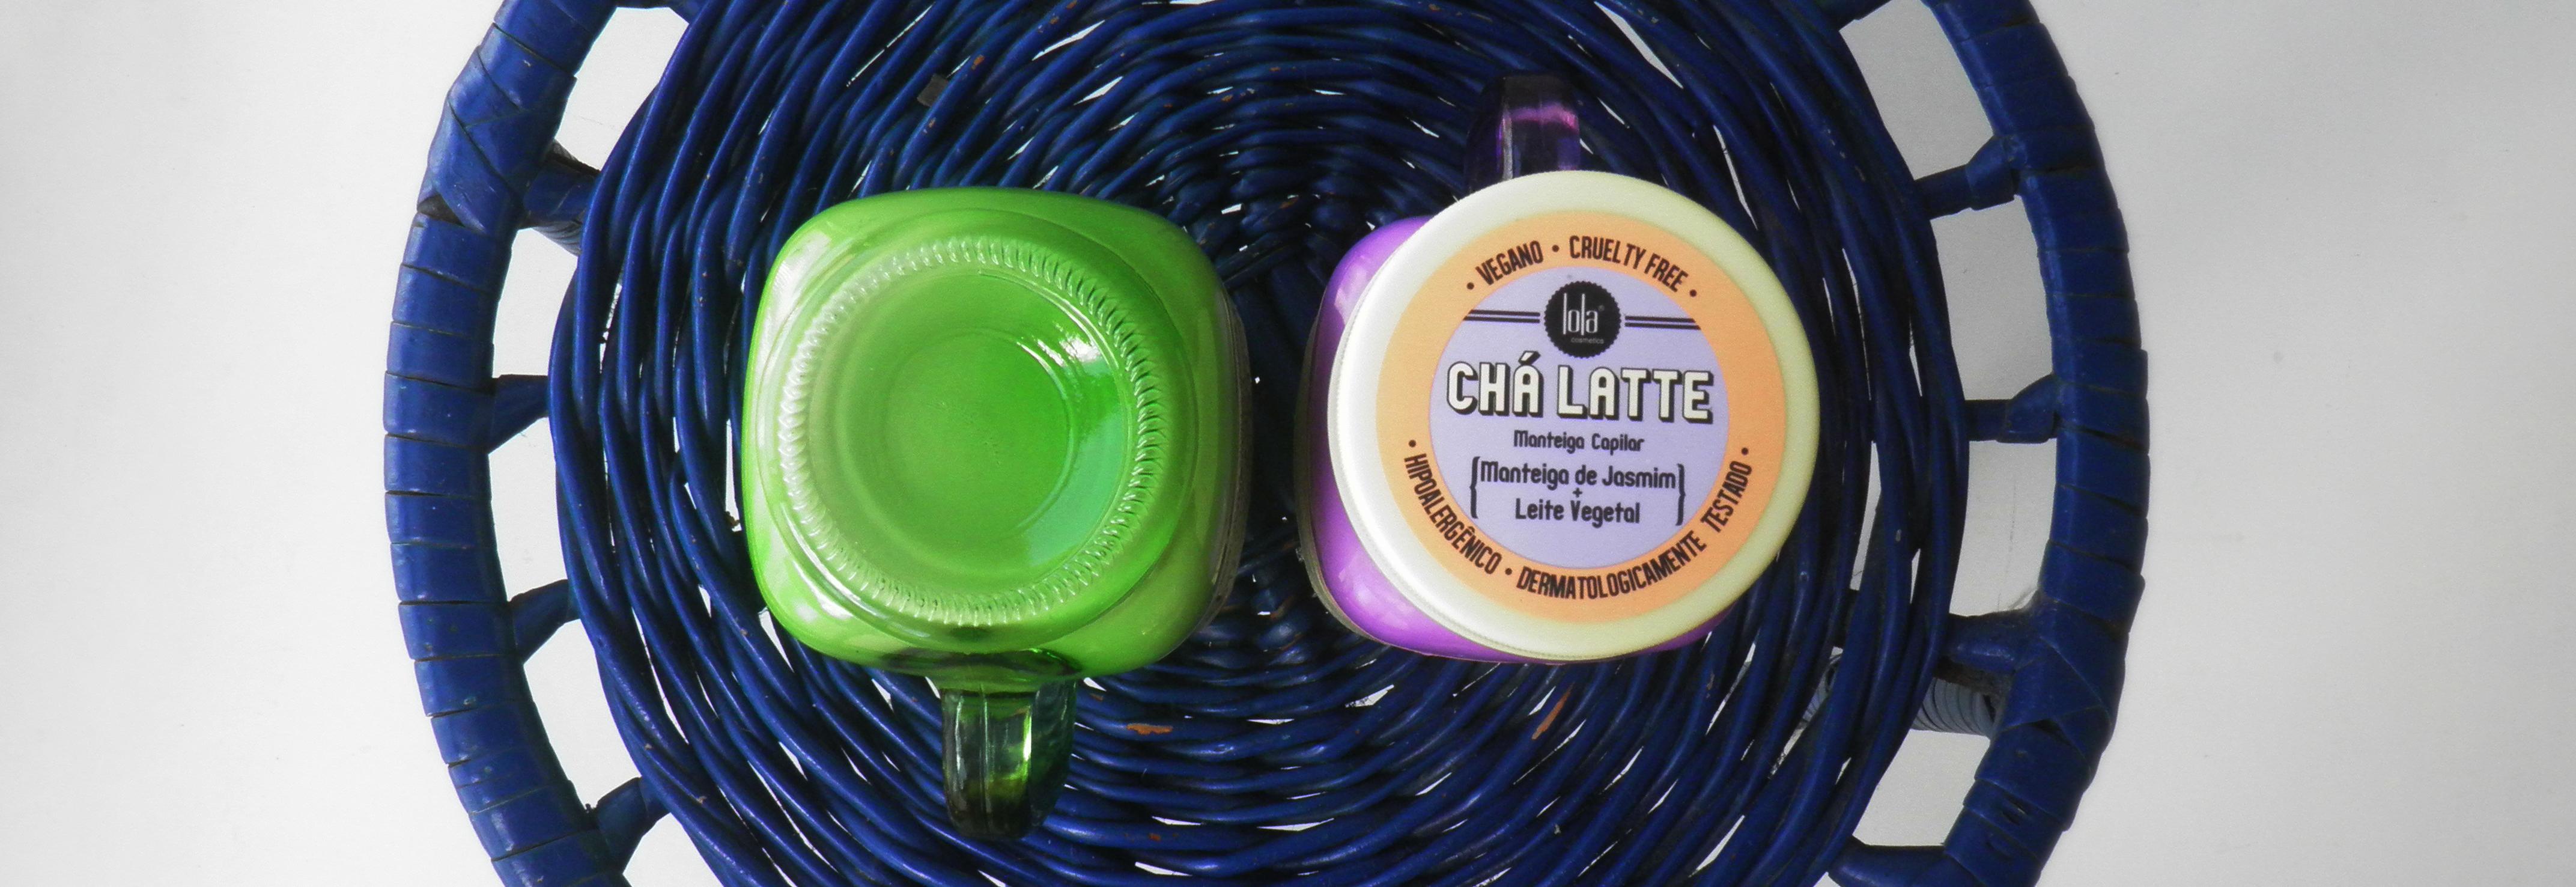 Composição e Ingredientes Chá Latte Manteiga de Jasmim e Leite vegetal Lola